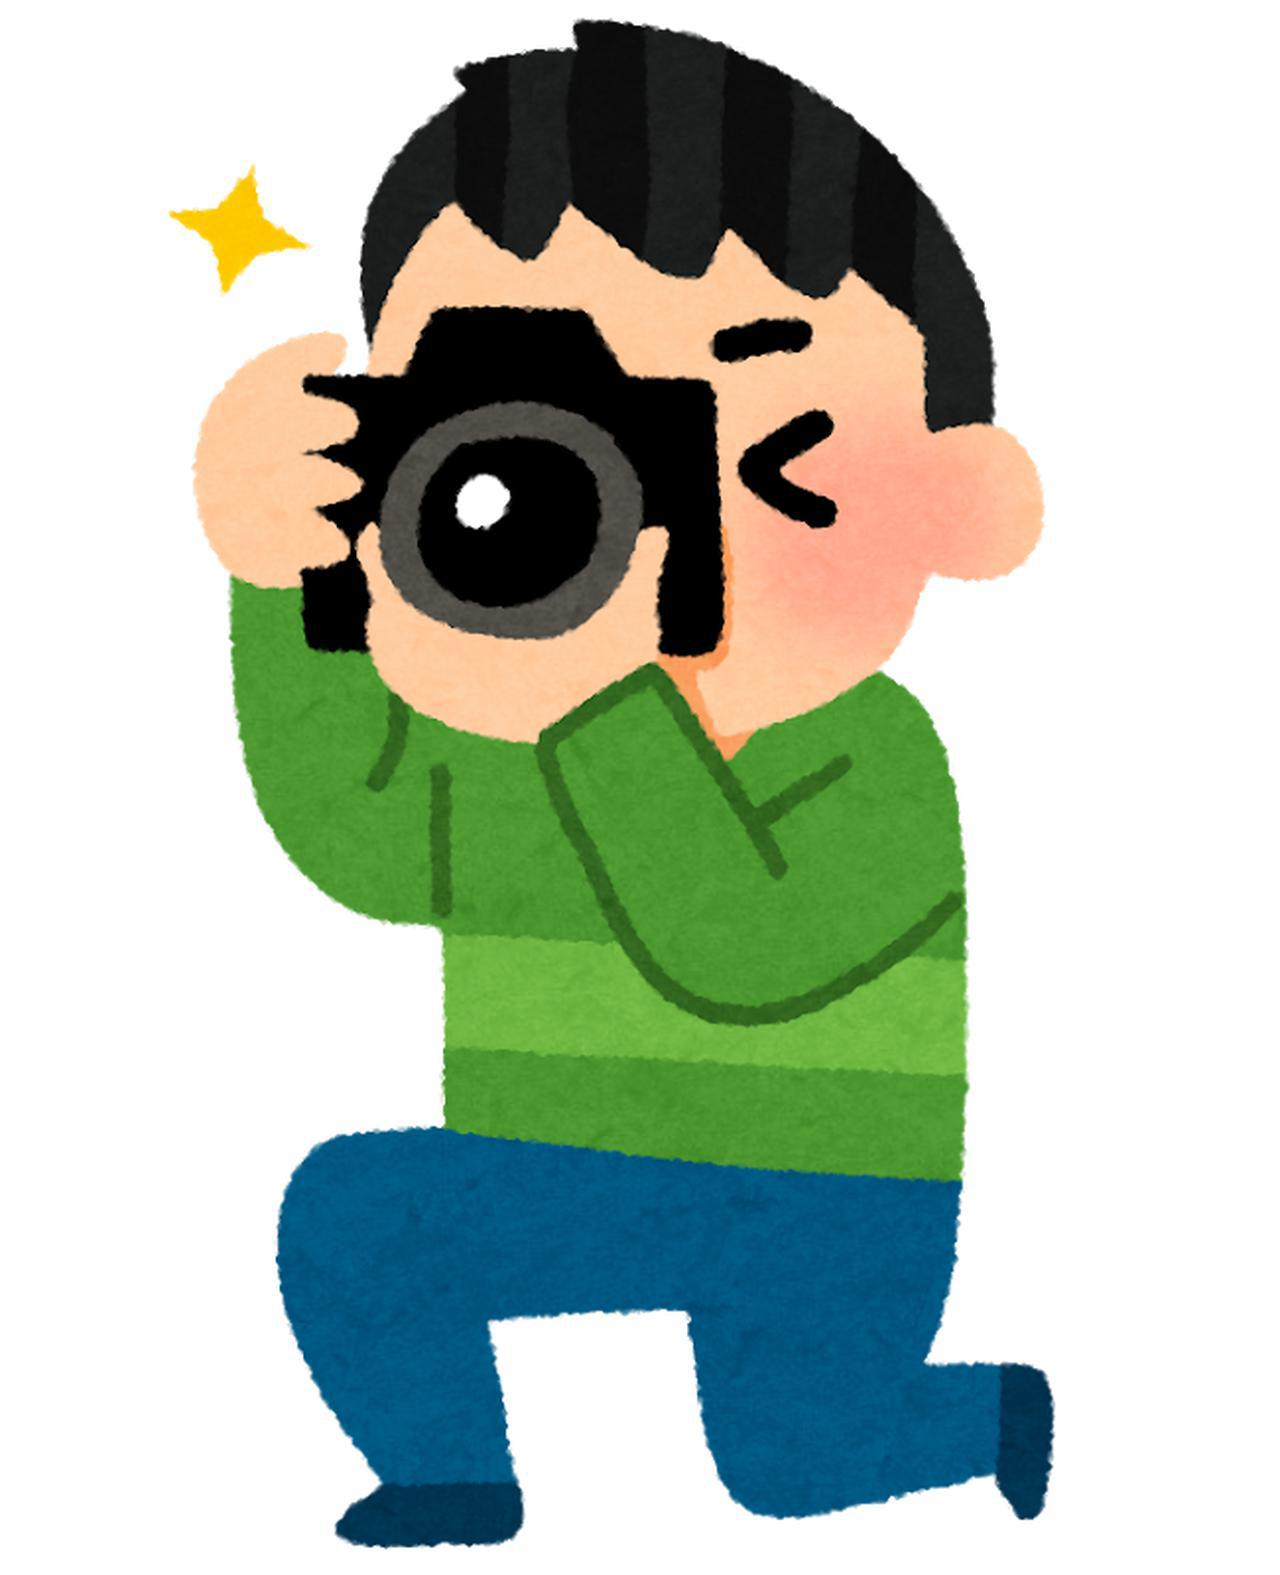 画像2: 【ヨーロッパのオーロラ】オーロラの撮影方法について